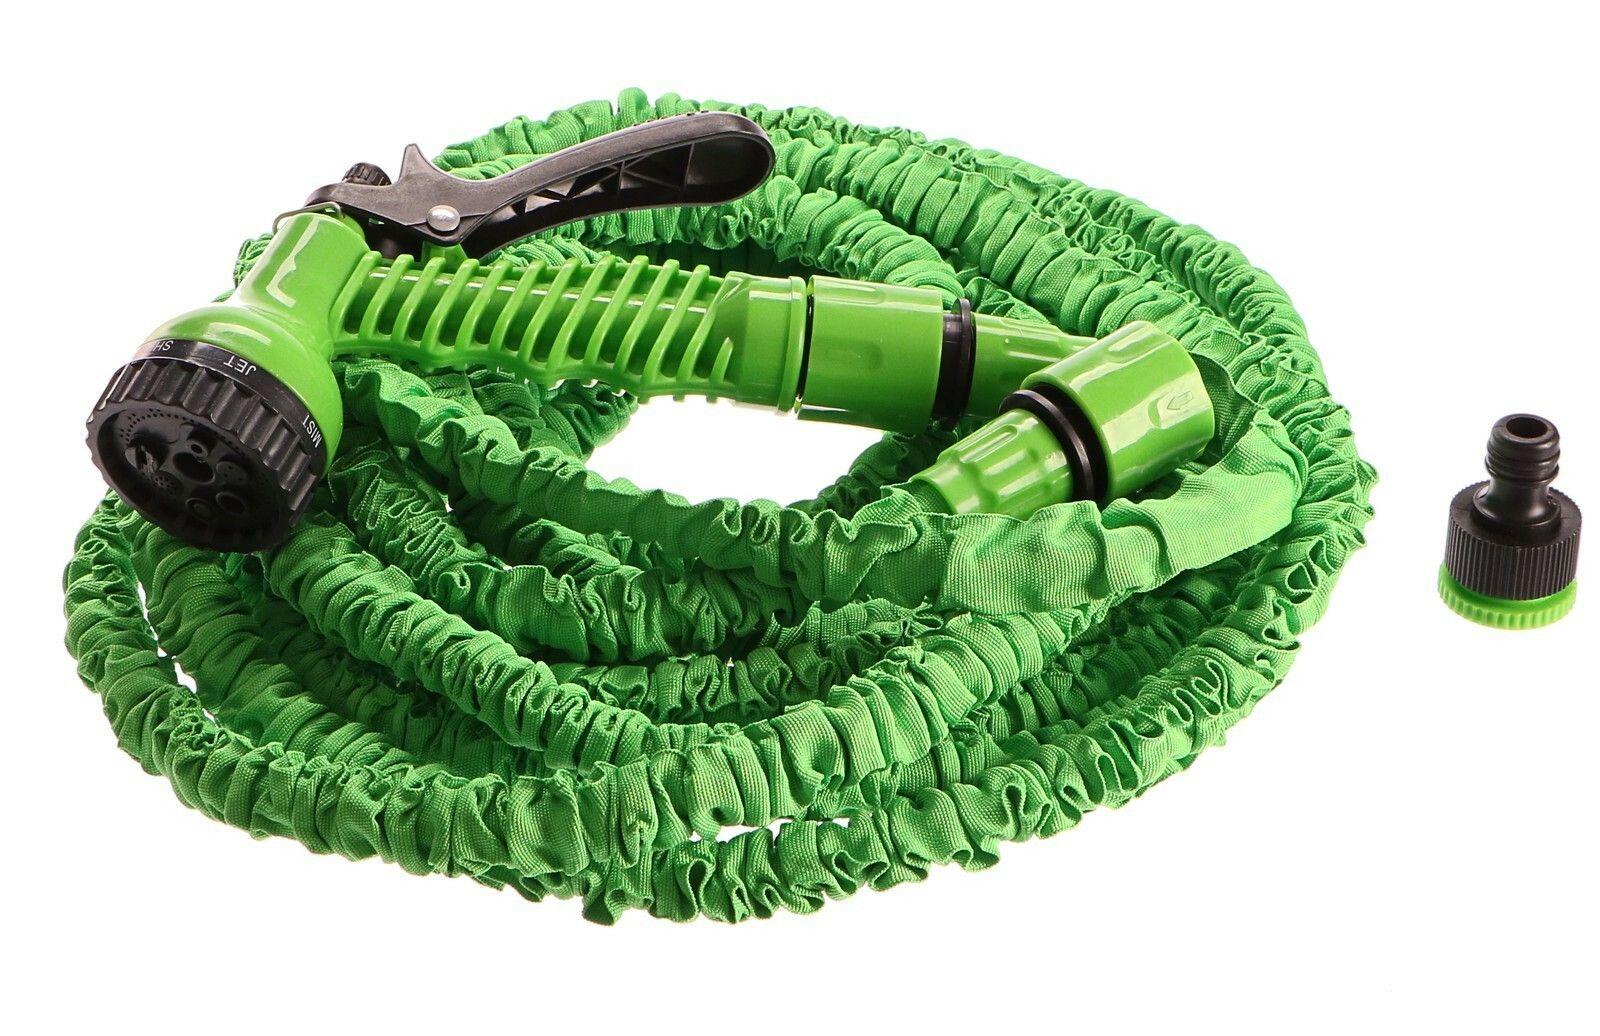 Zahradní hadice smršťovací, 7,5m-22,5m,7 funkcí